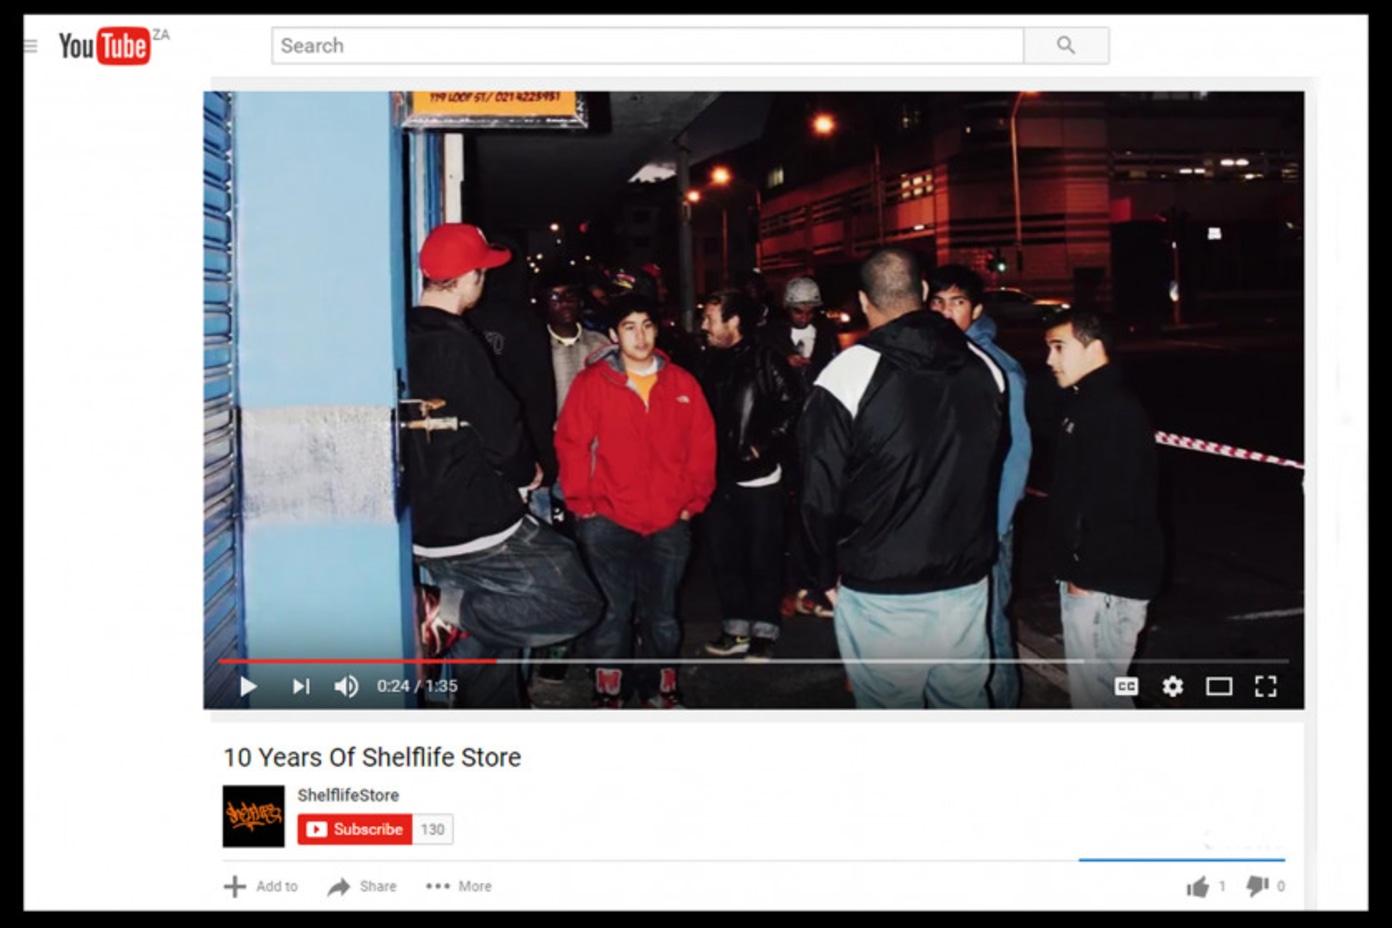 Ten Years Of Shelflife Video